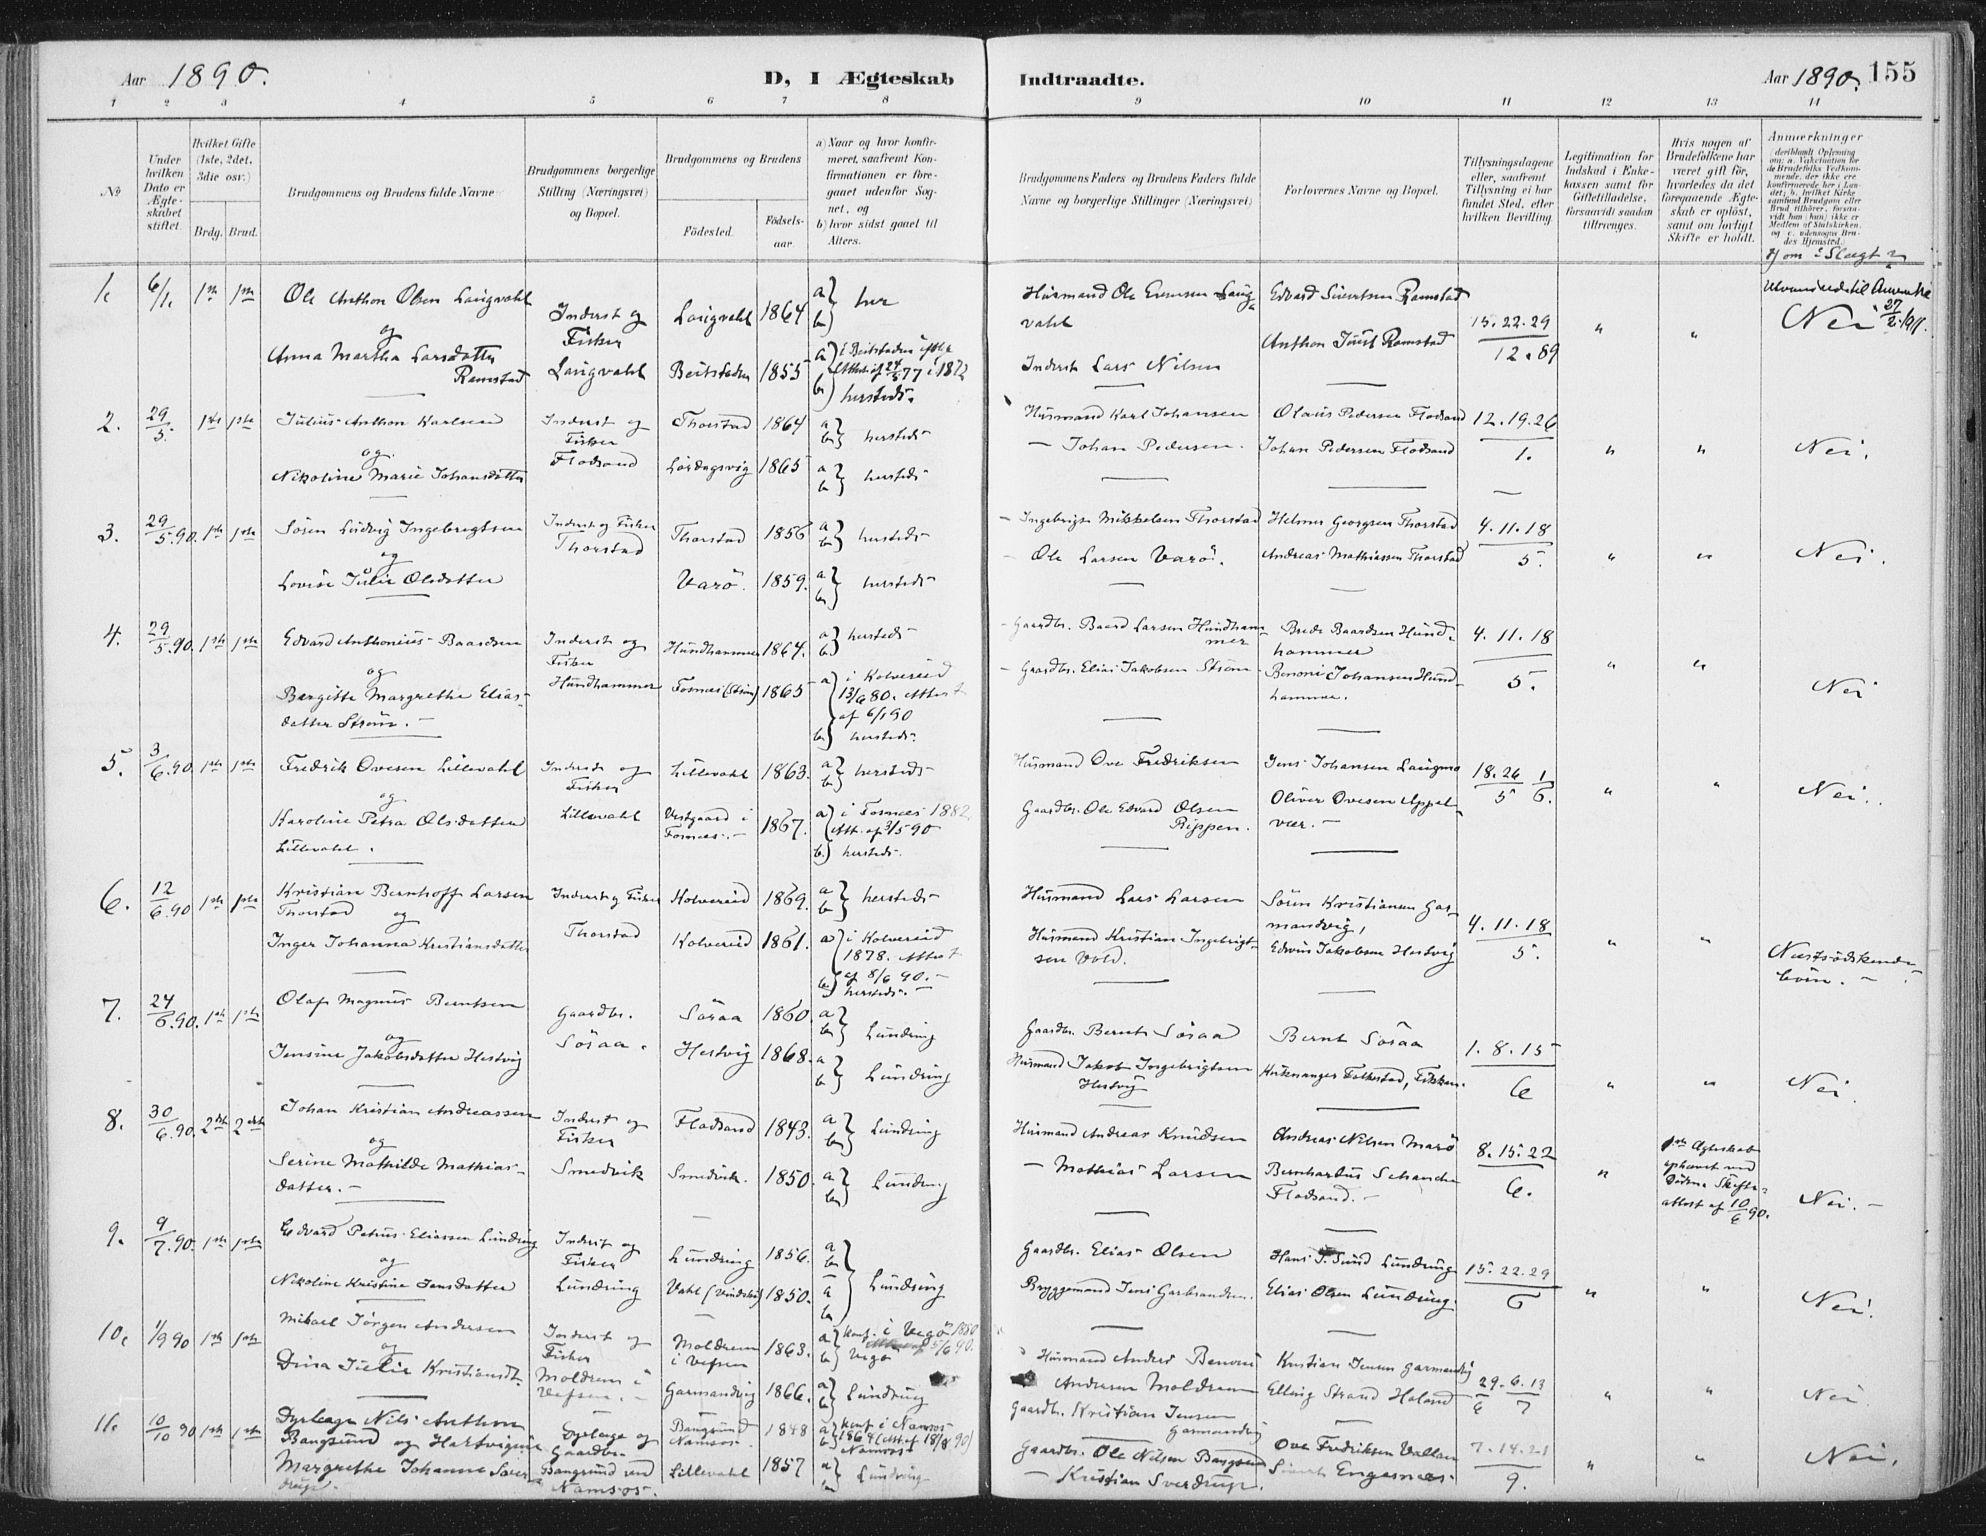 SAT, Ministerialprotokoller, klokkerbøker og fødselsregistre - Nord-Trøndelag, 784/L0673: Ministerialbok nr. 784A08, 1888-1899, s. 155